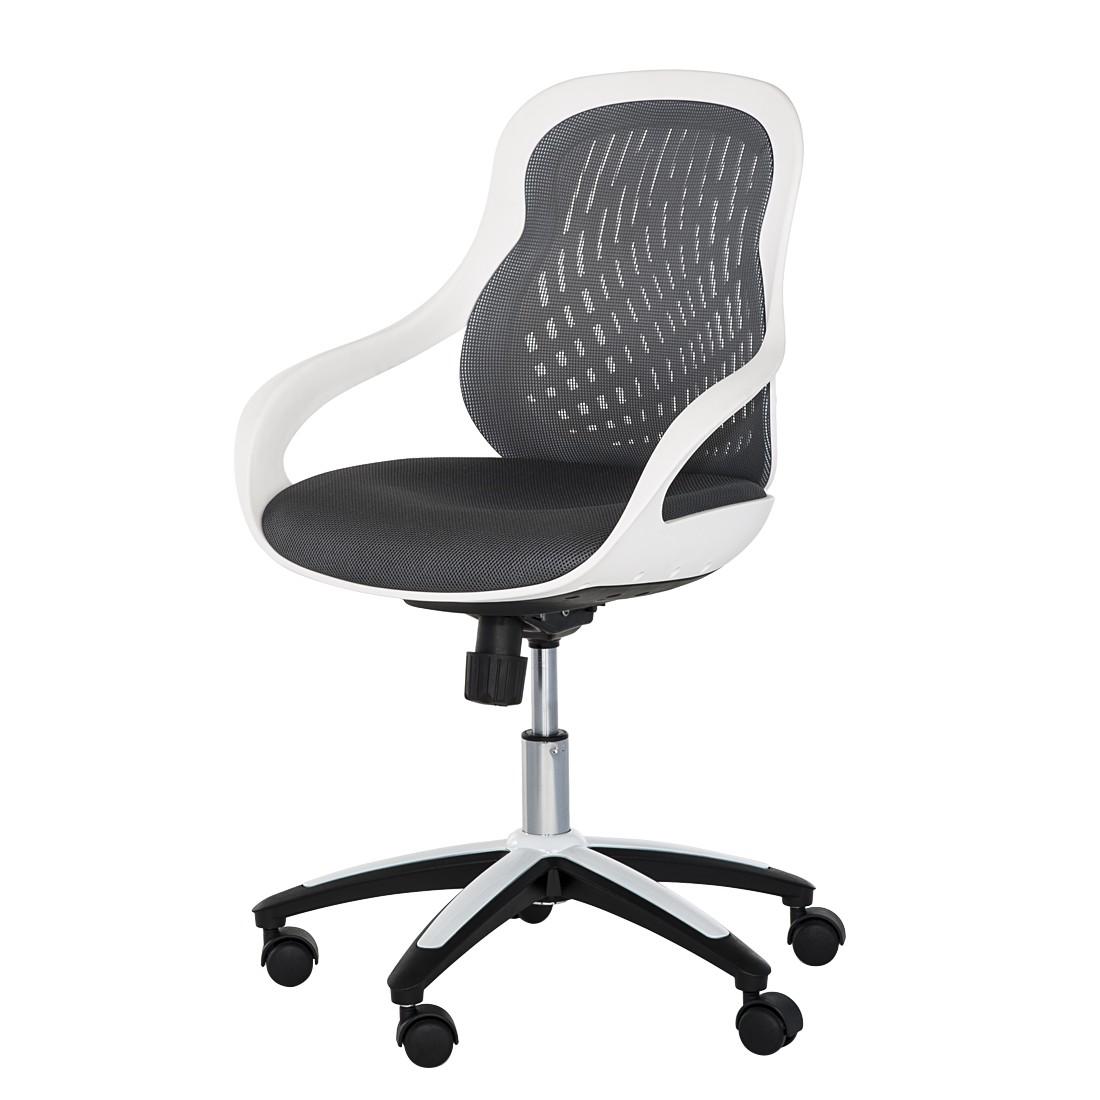 Chaise de bureau baquet sparco - Chaise baquet de bureau ...